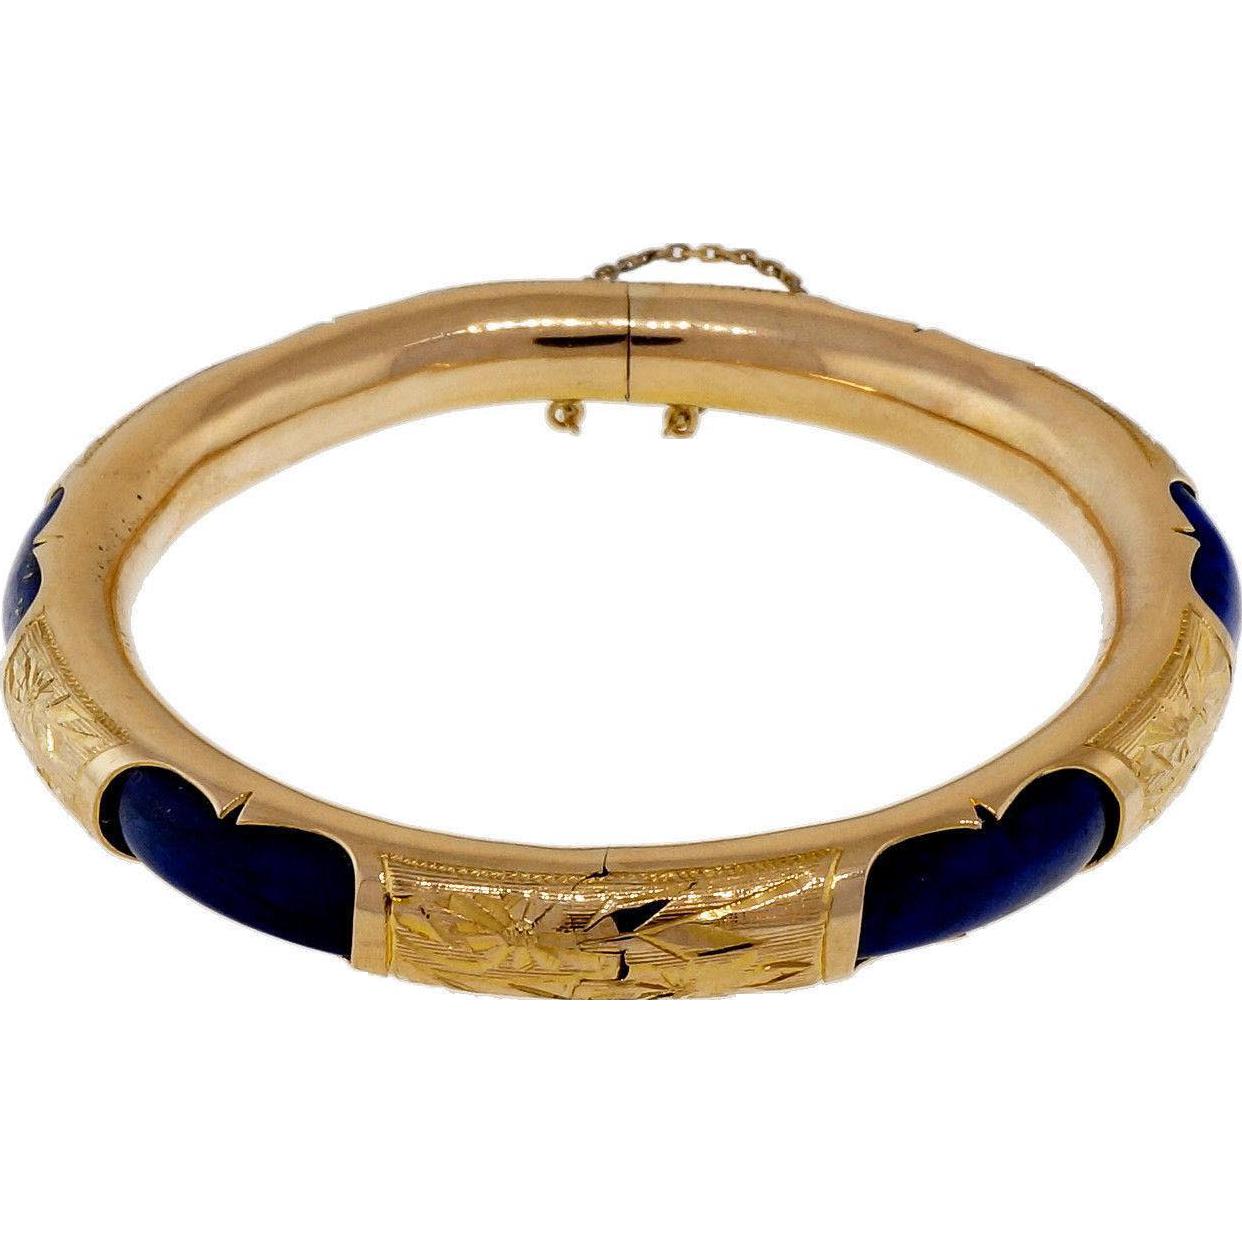 Vintage Natural Blue Lapis 14 Karat Yellow Gold Bangle Bracelet